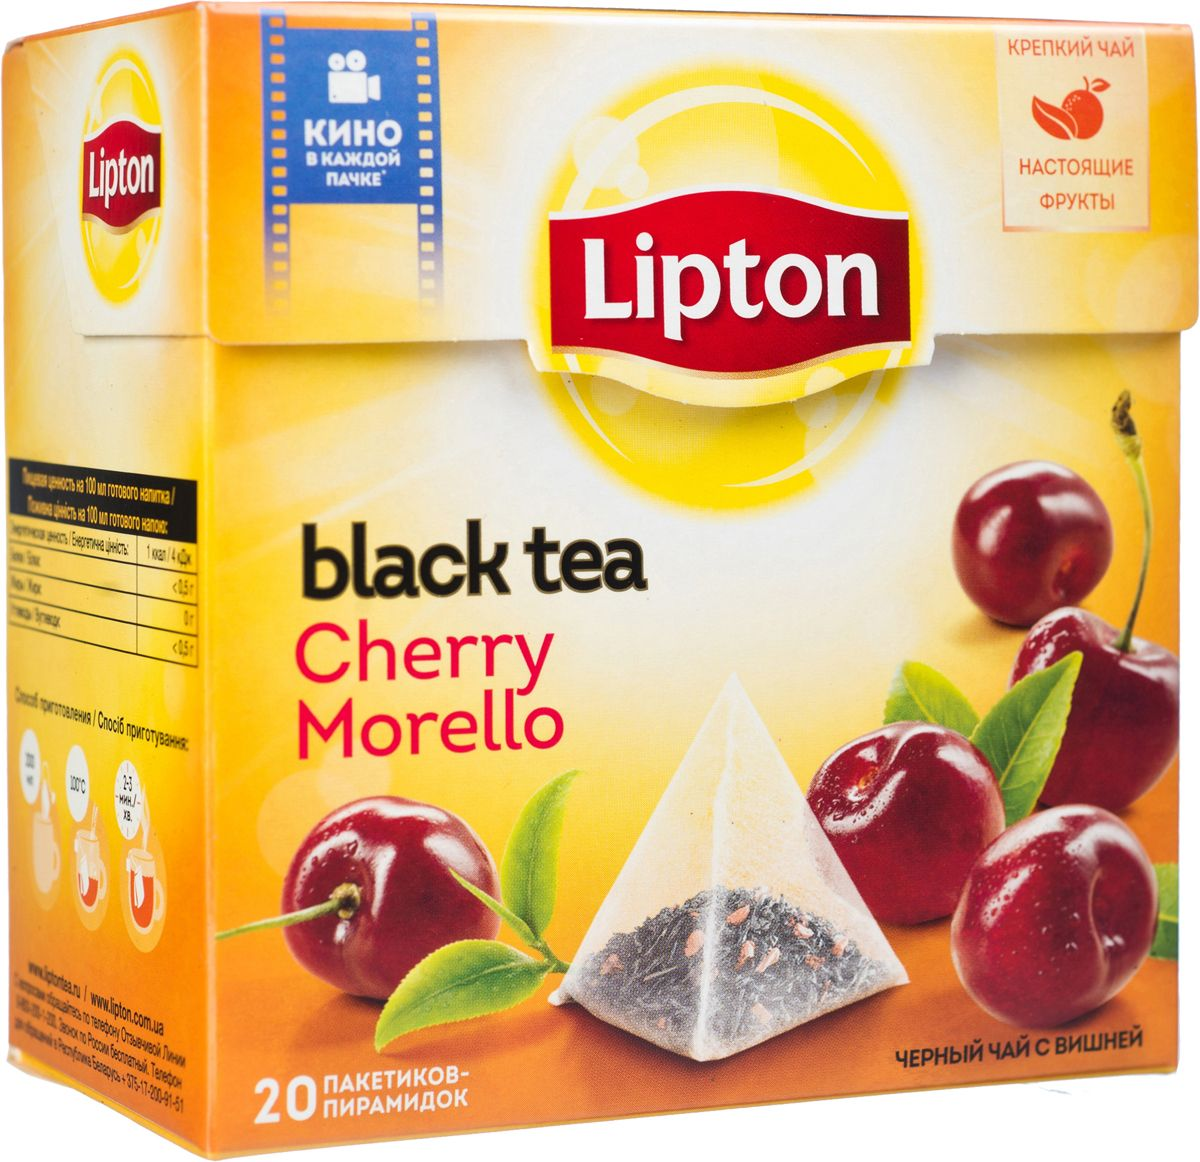 Lipton Cherry Morello черный чай в пирамидках, 20 шт21187918/65417128Сочные кусочки спелой вишни вместе с отборными чайными листочками кружатся в веселом танце внутри просторного пакетика-пирамидки чая Lipton Cherry Morello, полностью раскрывая свой насыщенный ягодный вкус и манящий сладкий аромат. Настоящая вкусная радость в каждом глотке!Уважаемые клиенты! Обращаем ваше внимание на то, что упаковка может иметь несколько видов дизайна. Поставка осуществляется в зависимости от наличия на складе.